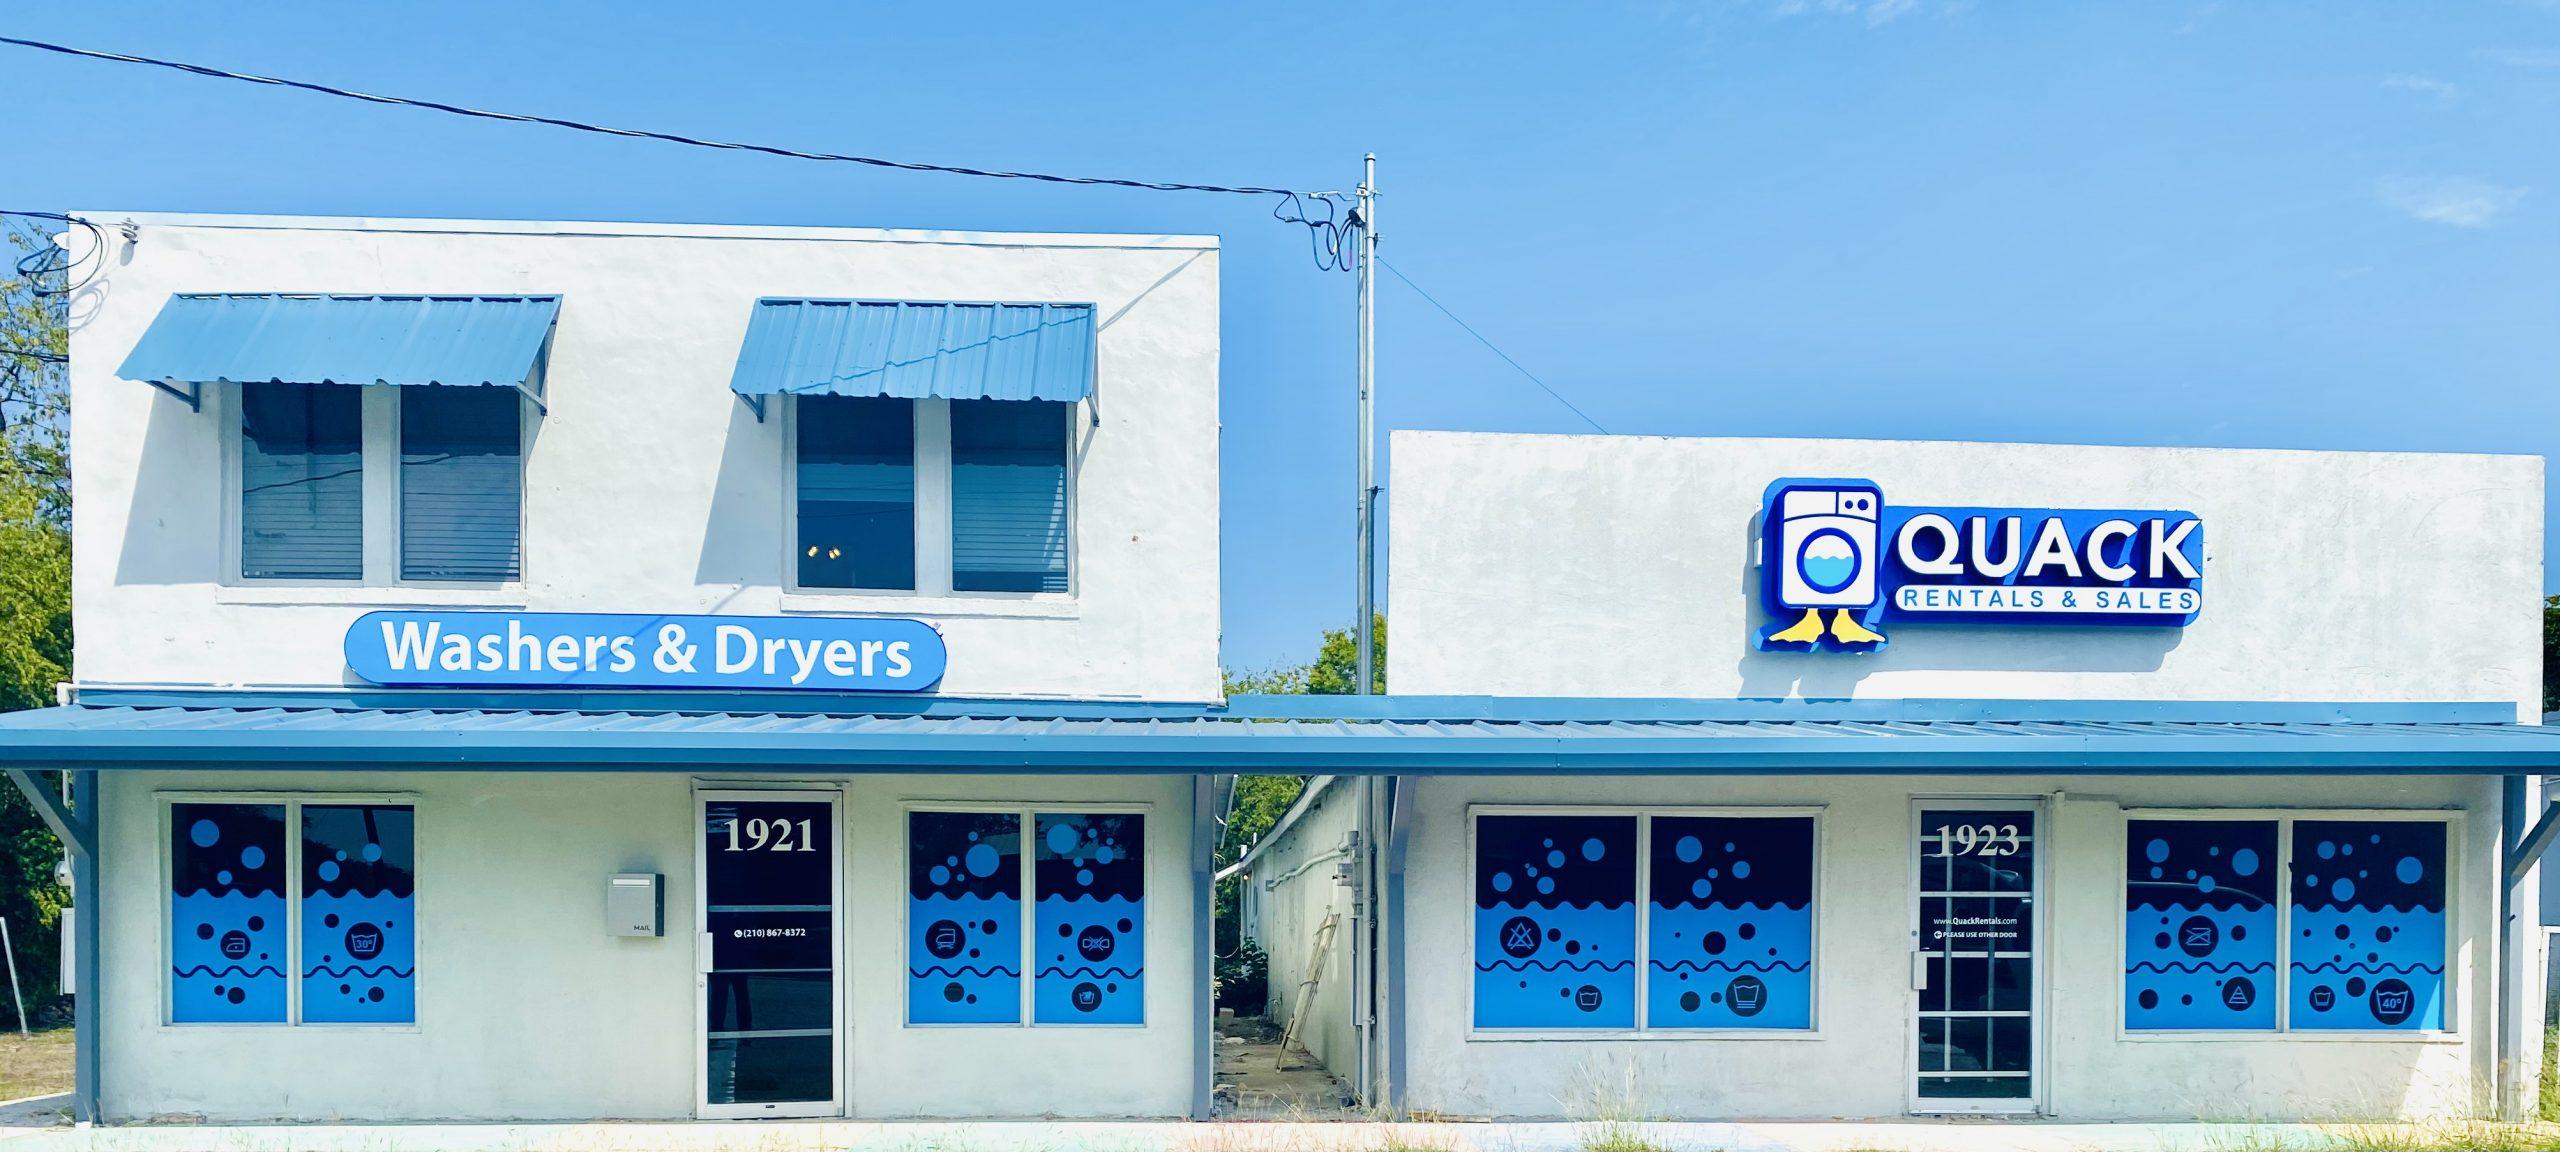 Quack Rentals Appliance Store San Antonio